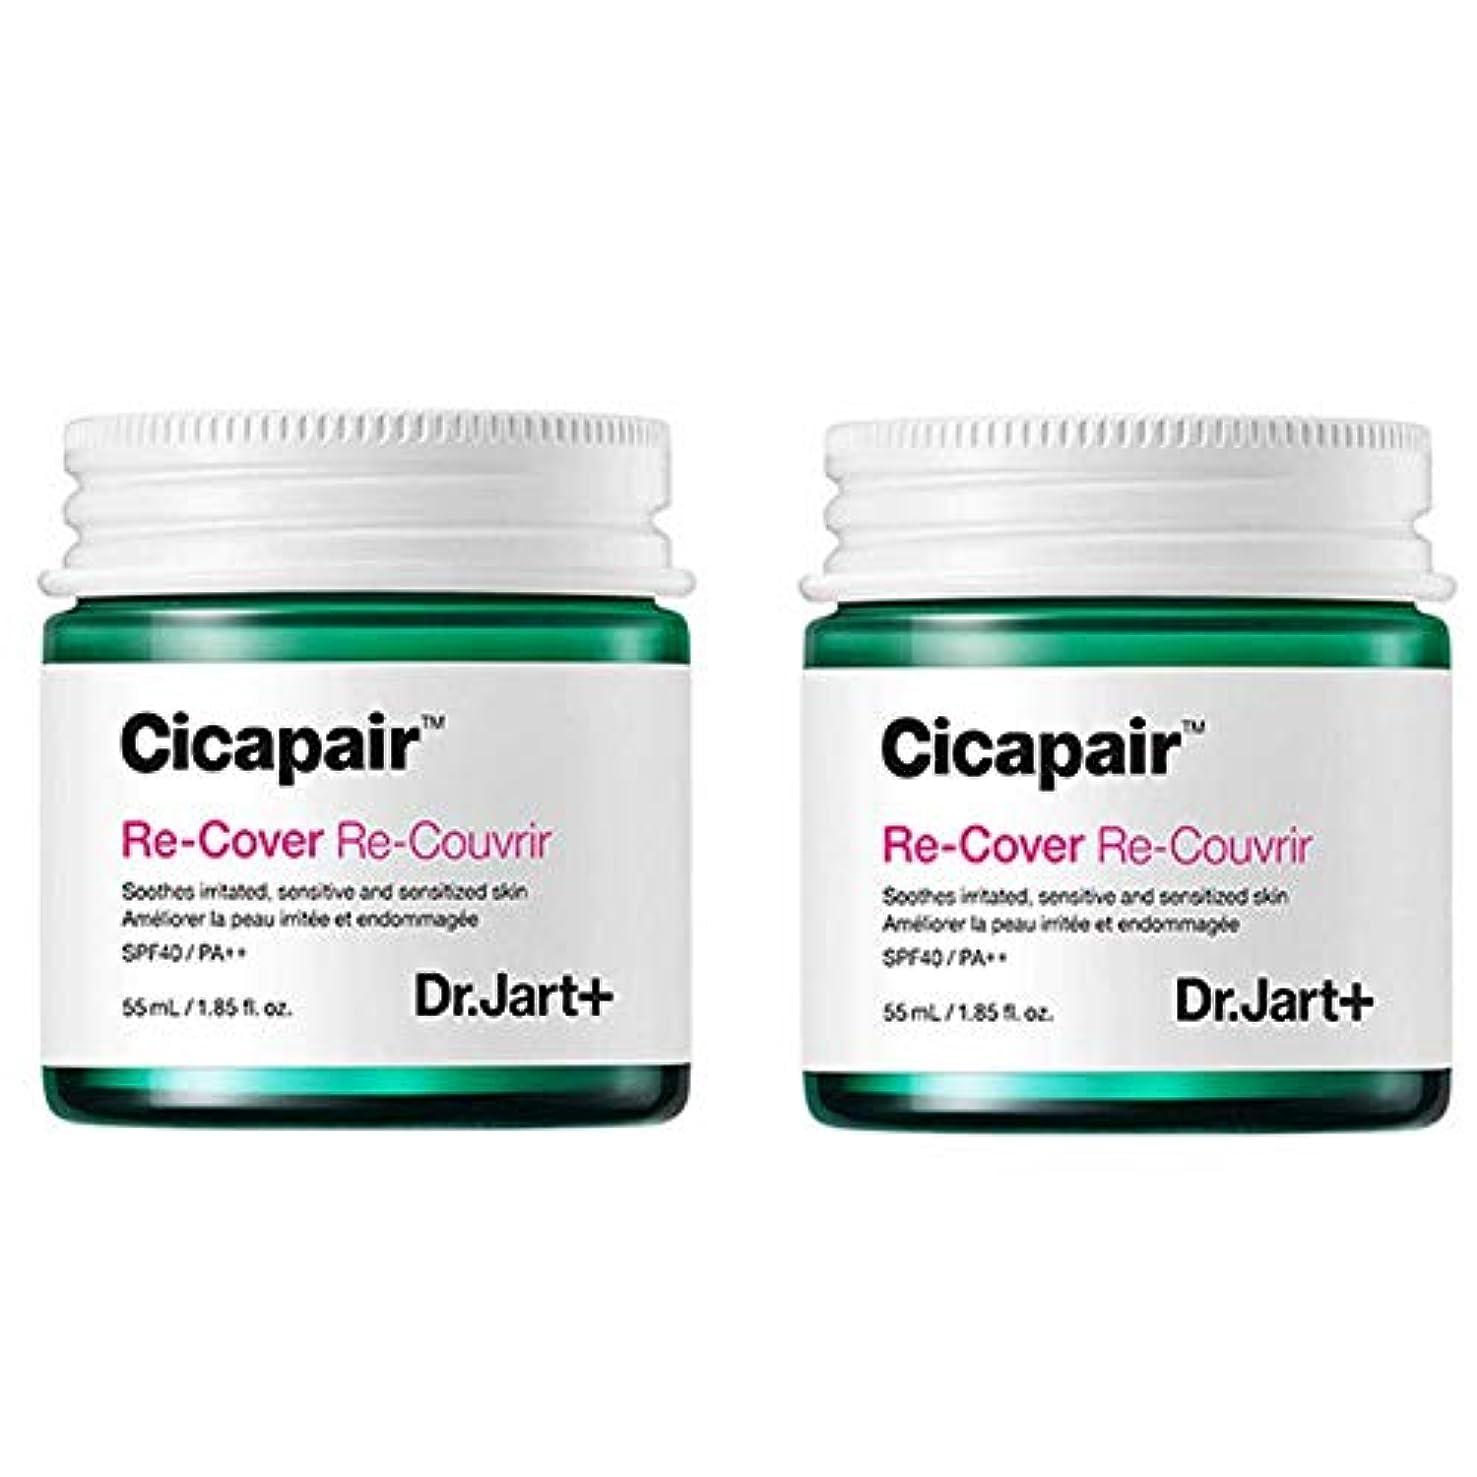 労働者基礎理論任命Dr.Jart+ Cicapair ReCover X 2 ドクタージャルトシカペアリカバー X 2 (2代目)皮膚回復 紫外線カット 黄砂ケア [並行輸入品]